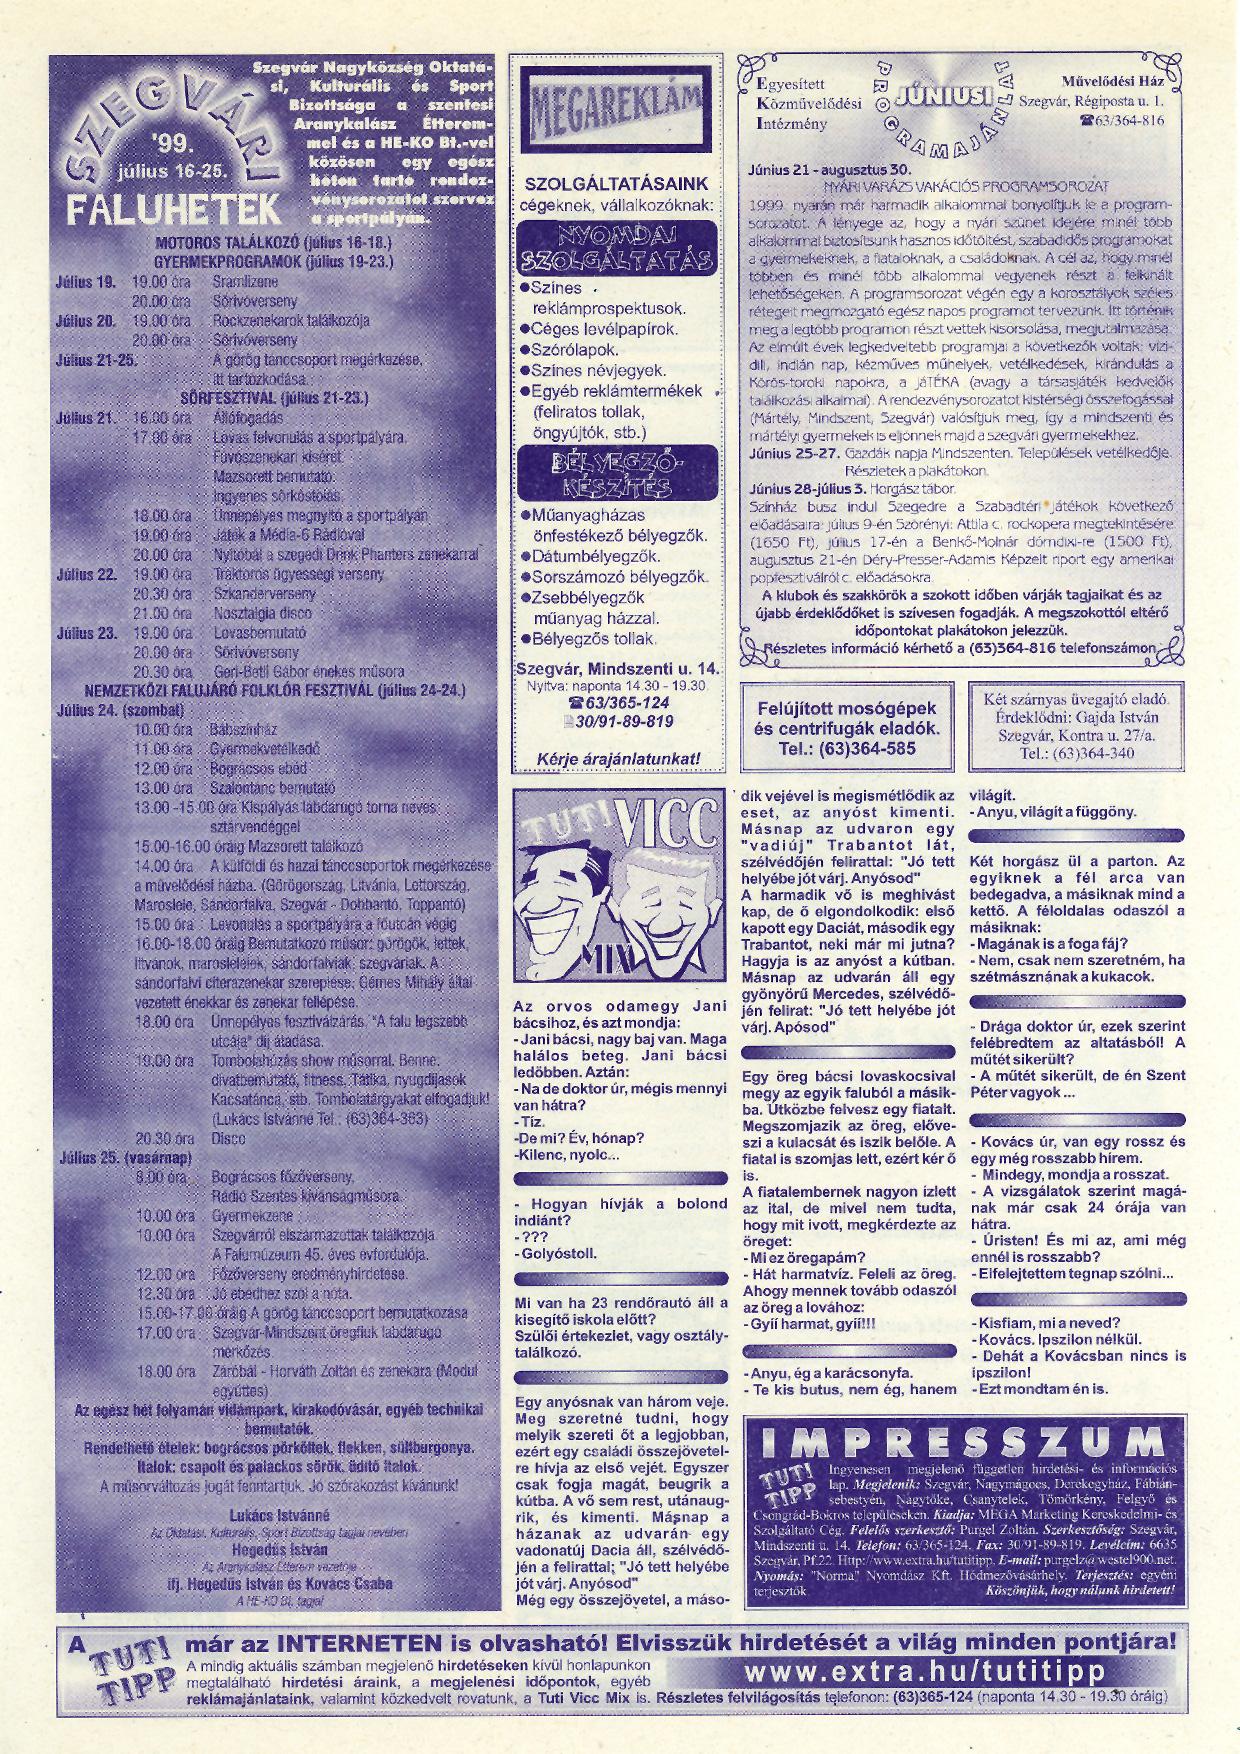 024 Tuti Tipp reklámújság - 19990626-123. lapszám - 2.oldal - V. évfolyam.jpg